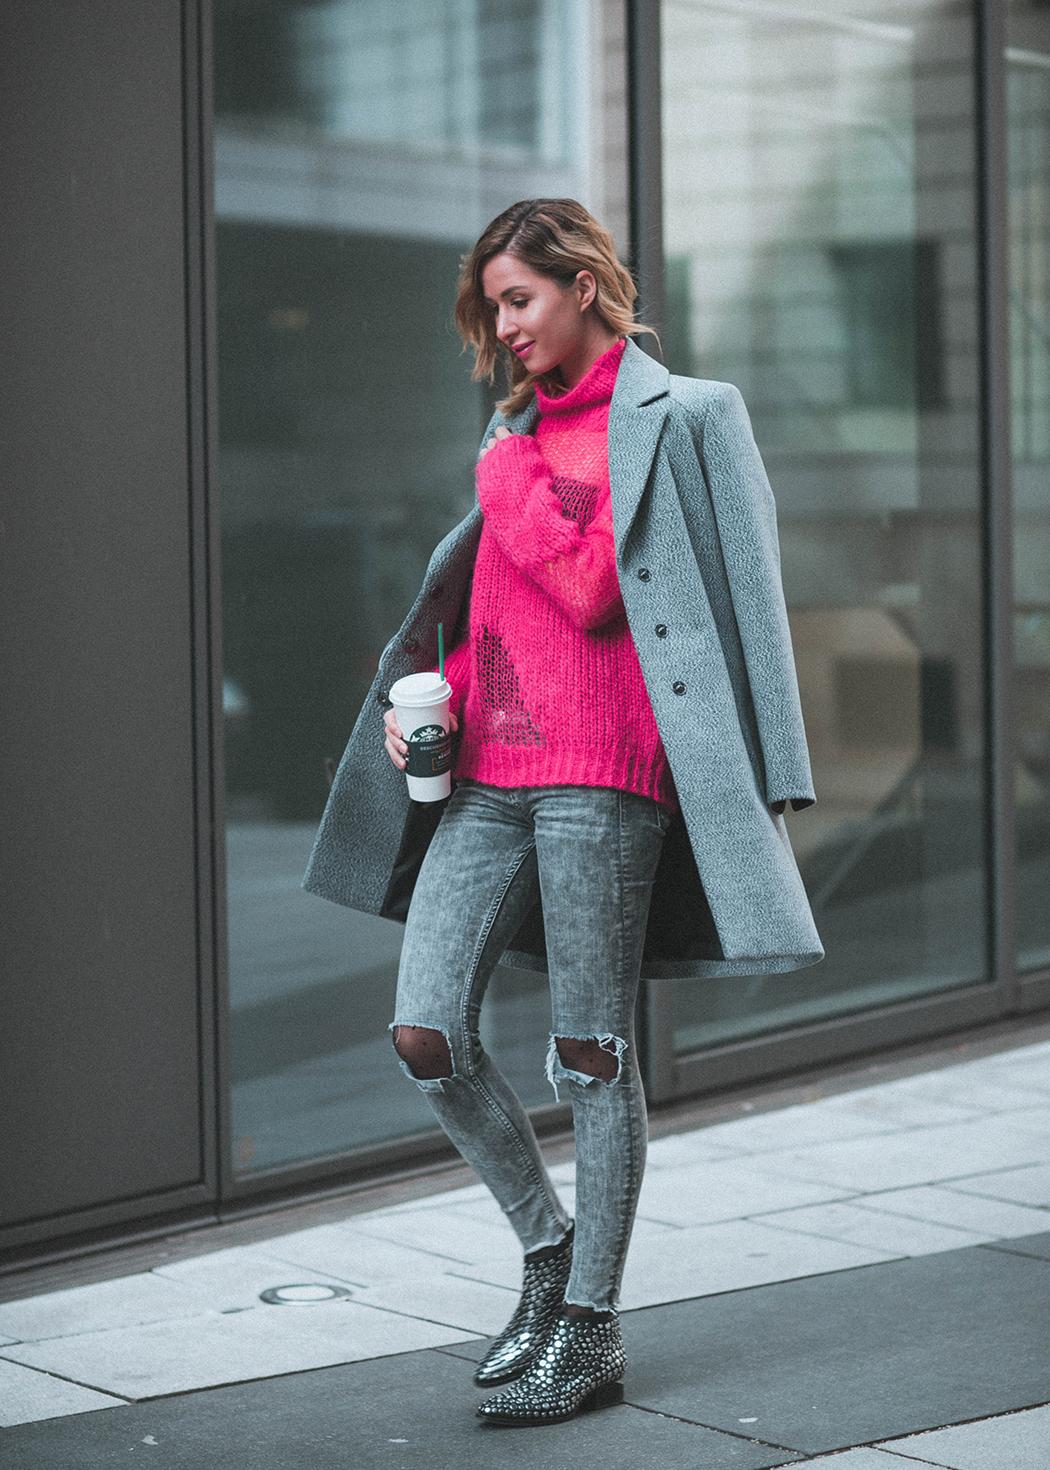 Fashionblog-Fashionblogger-Fashion-Blog-Blogger-Muenchen-Deutschland-Max-and-Co-Rucksack-silber-Lindarella-4-web